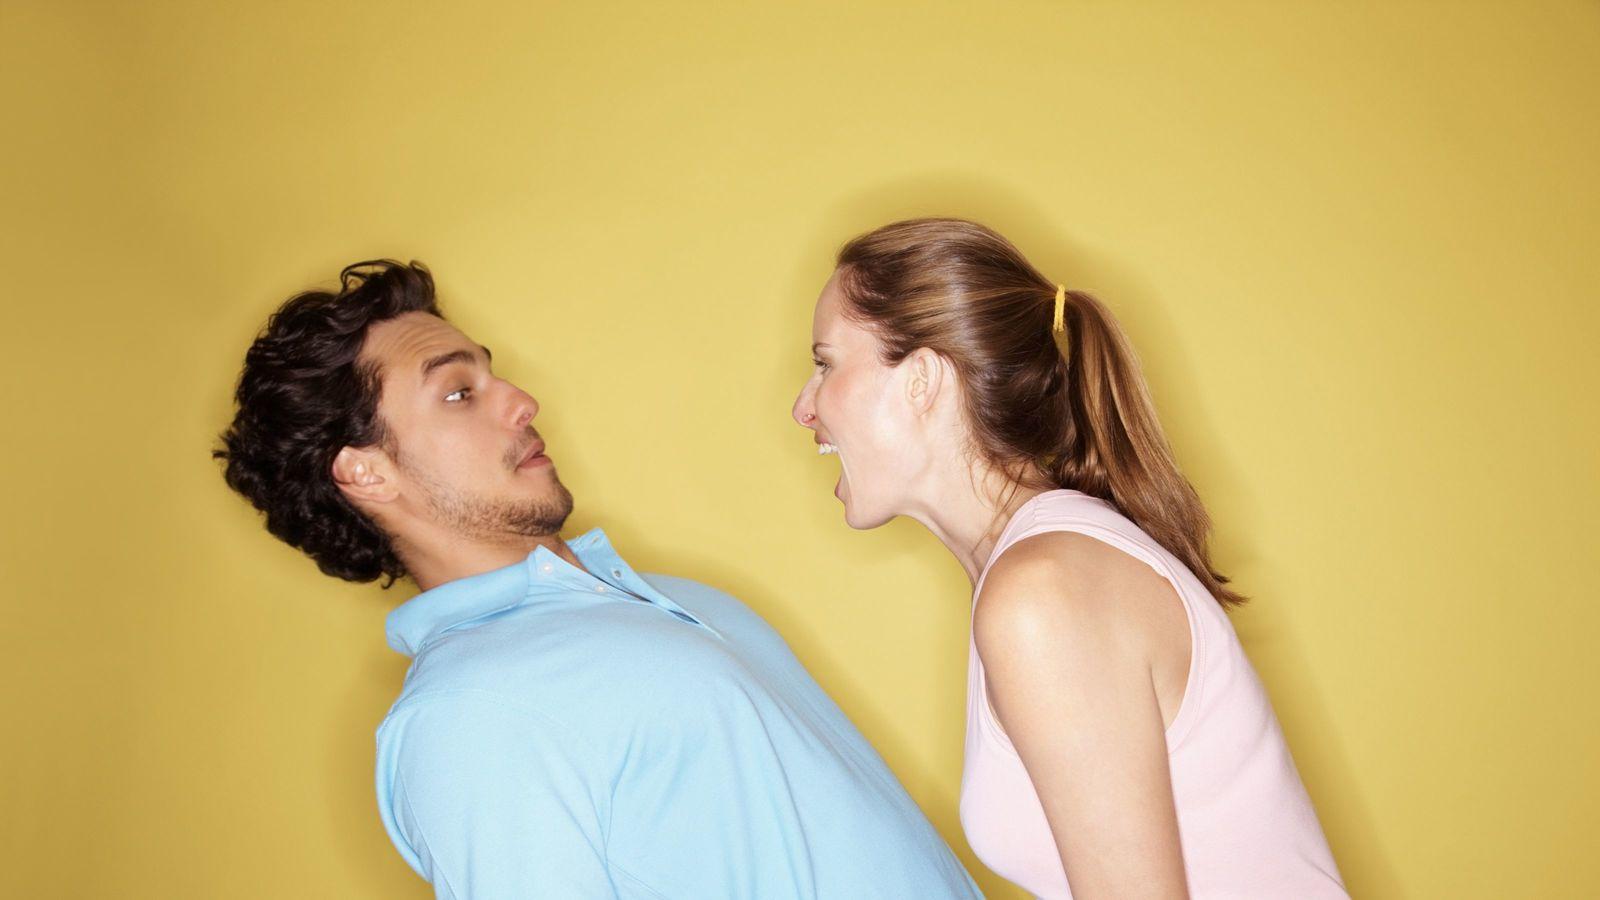 「口喧嘩を5秒で終わらせる」人を操る心理法則 レシーブ・トス・アタックをイメージ